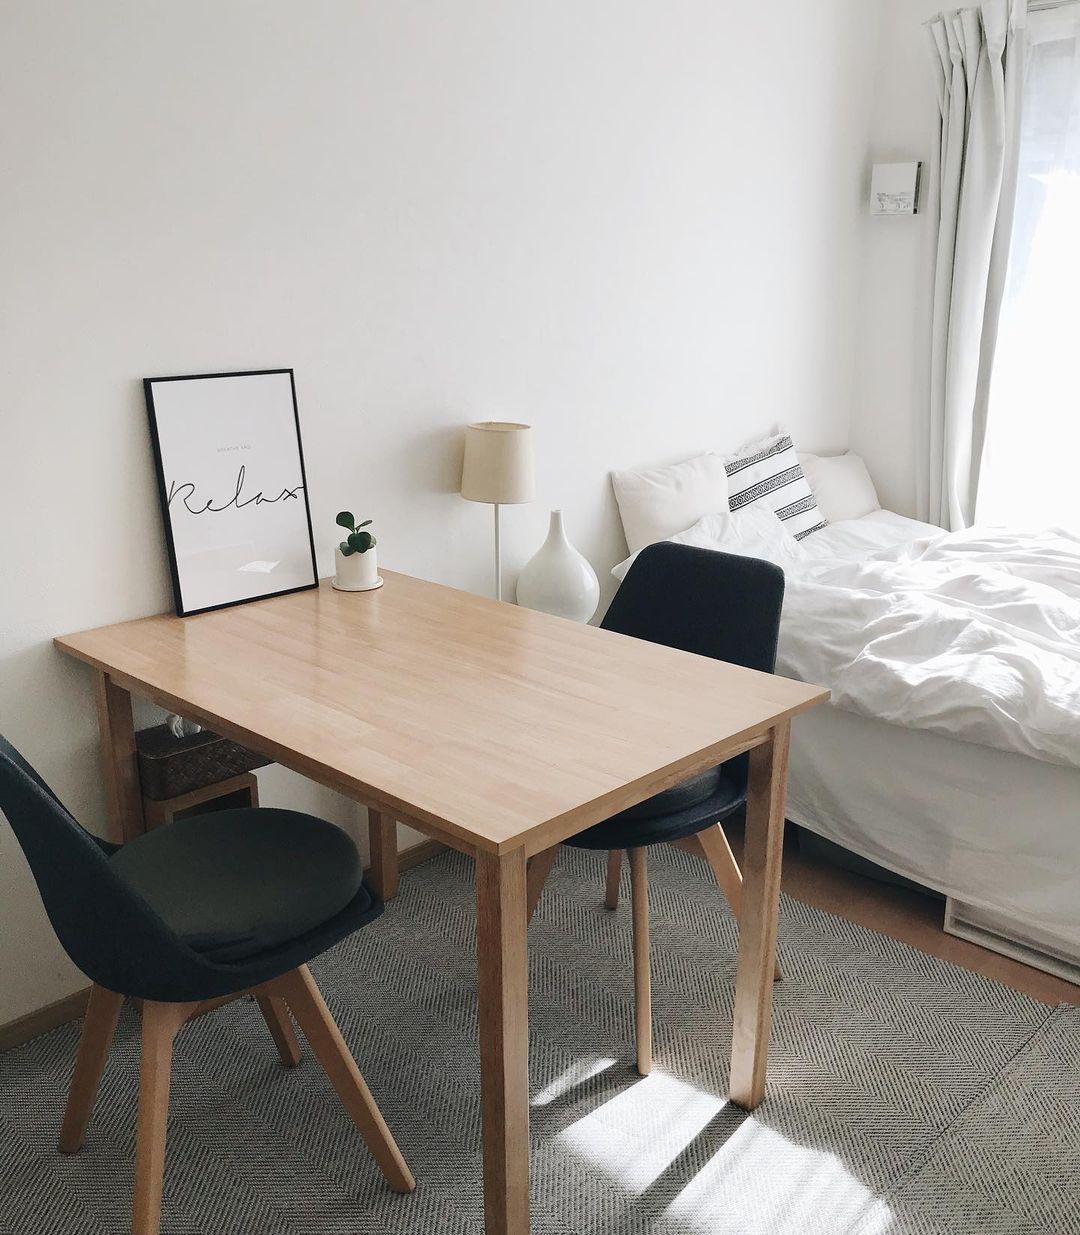 部屋の中で、大きな家具はこのダイニングセットとベッド、あとはテレビボードのみ。インテリを厳選しておしゃれに配置しているchizuさん。フローリングの色合いや、椅子の脚の色を揃えて統一感を出しています。